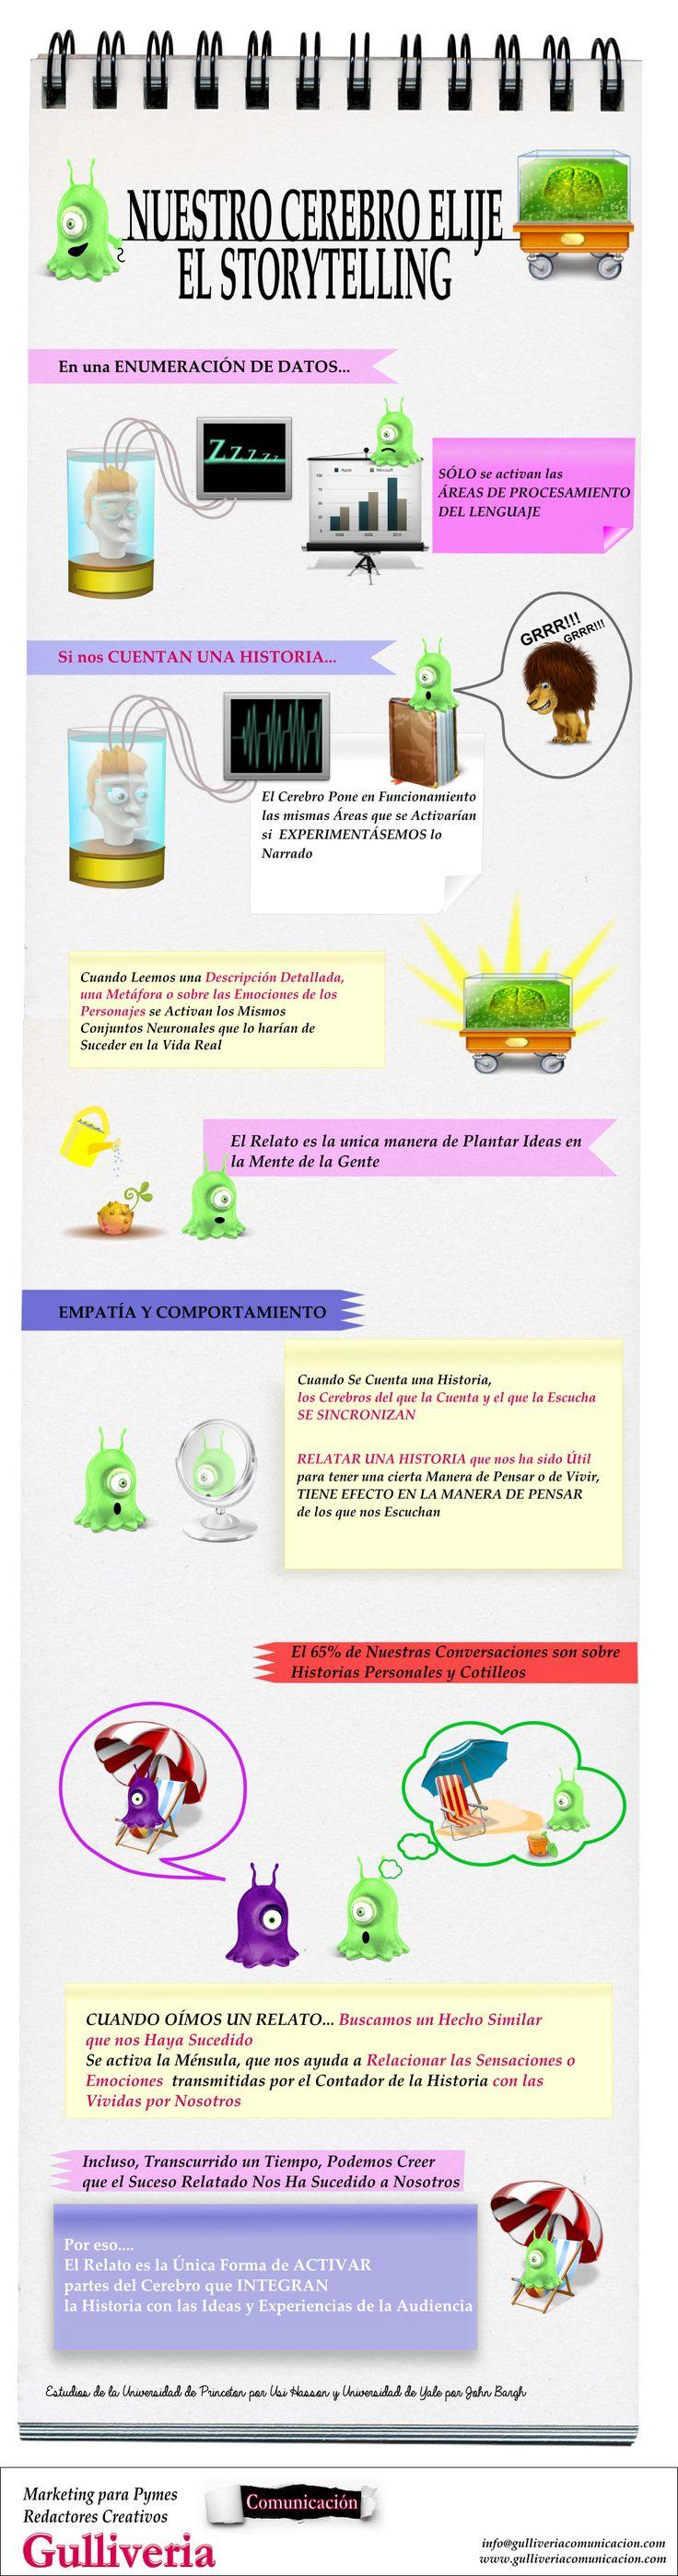 Cómo impacta el storytelling en nuestro cerebro #infografia #infographic #marketing